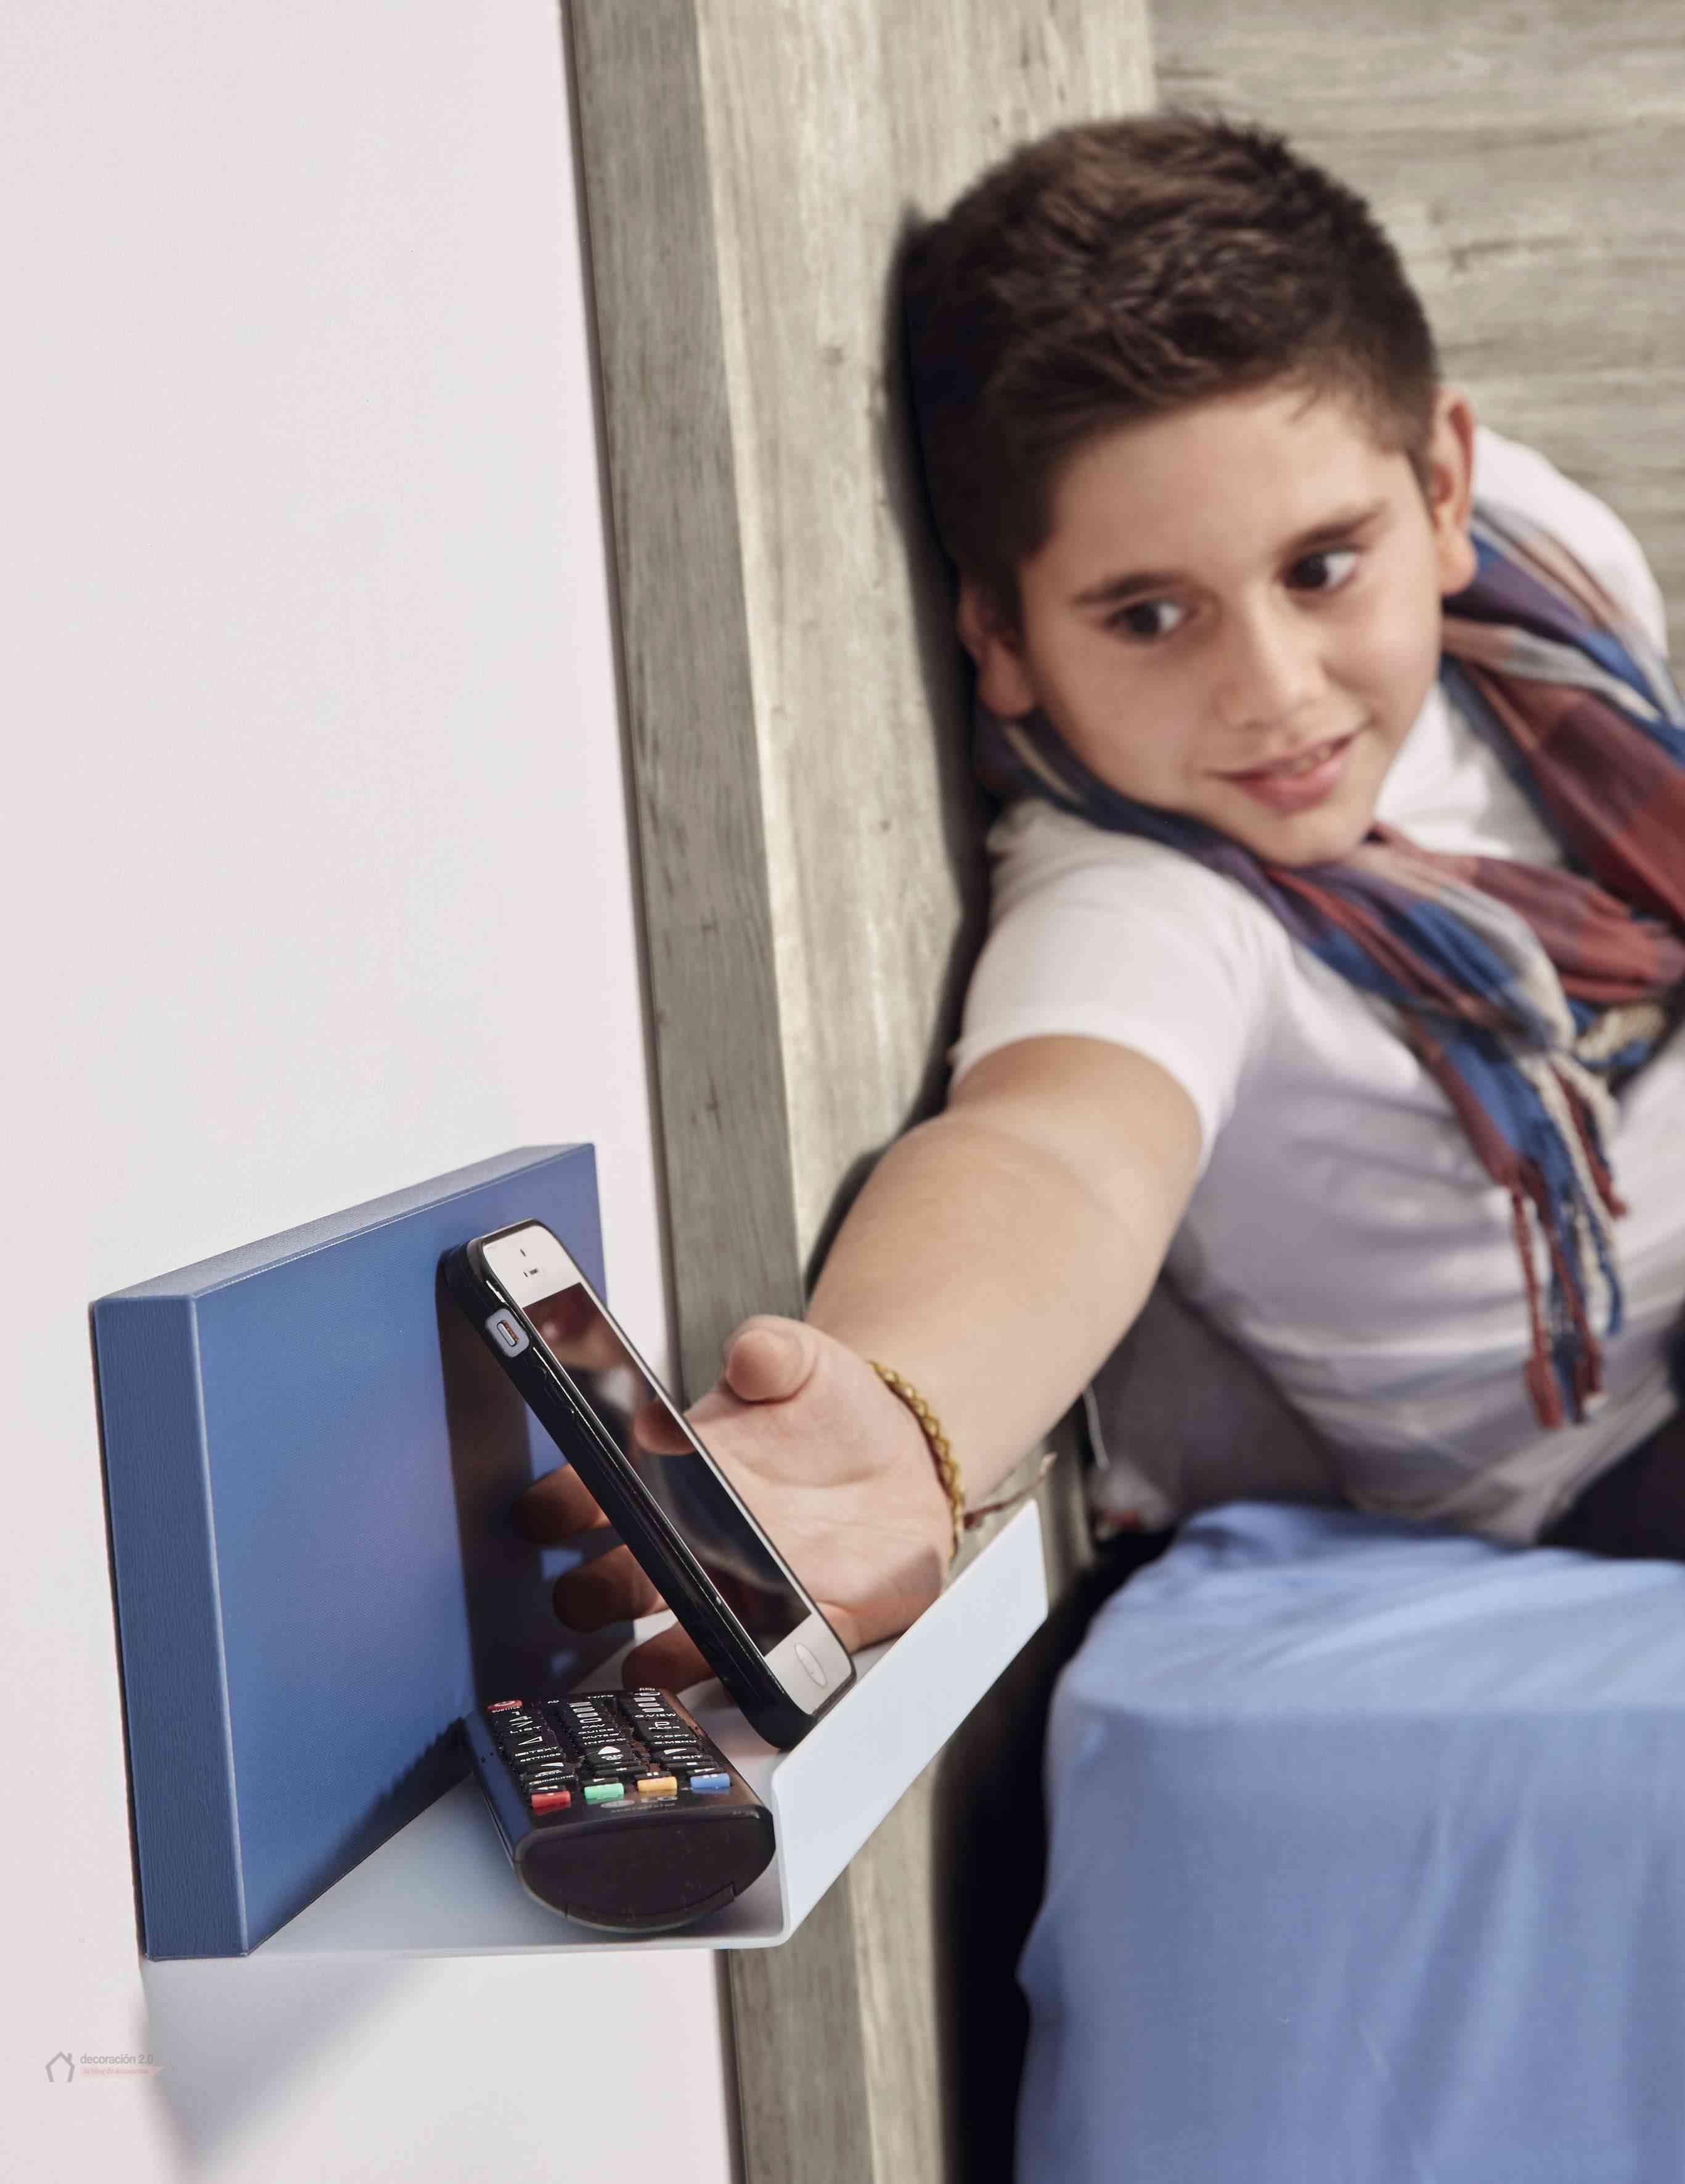 Dormitorios muy tecnológicos que siguen el ritmo de niños y jóvenes 24